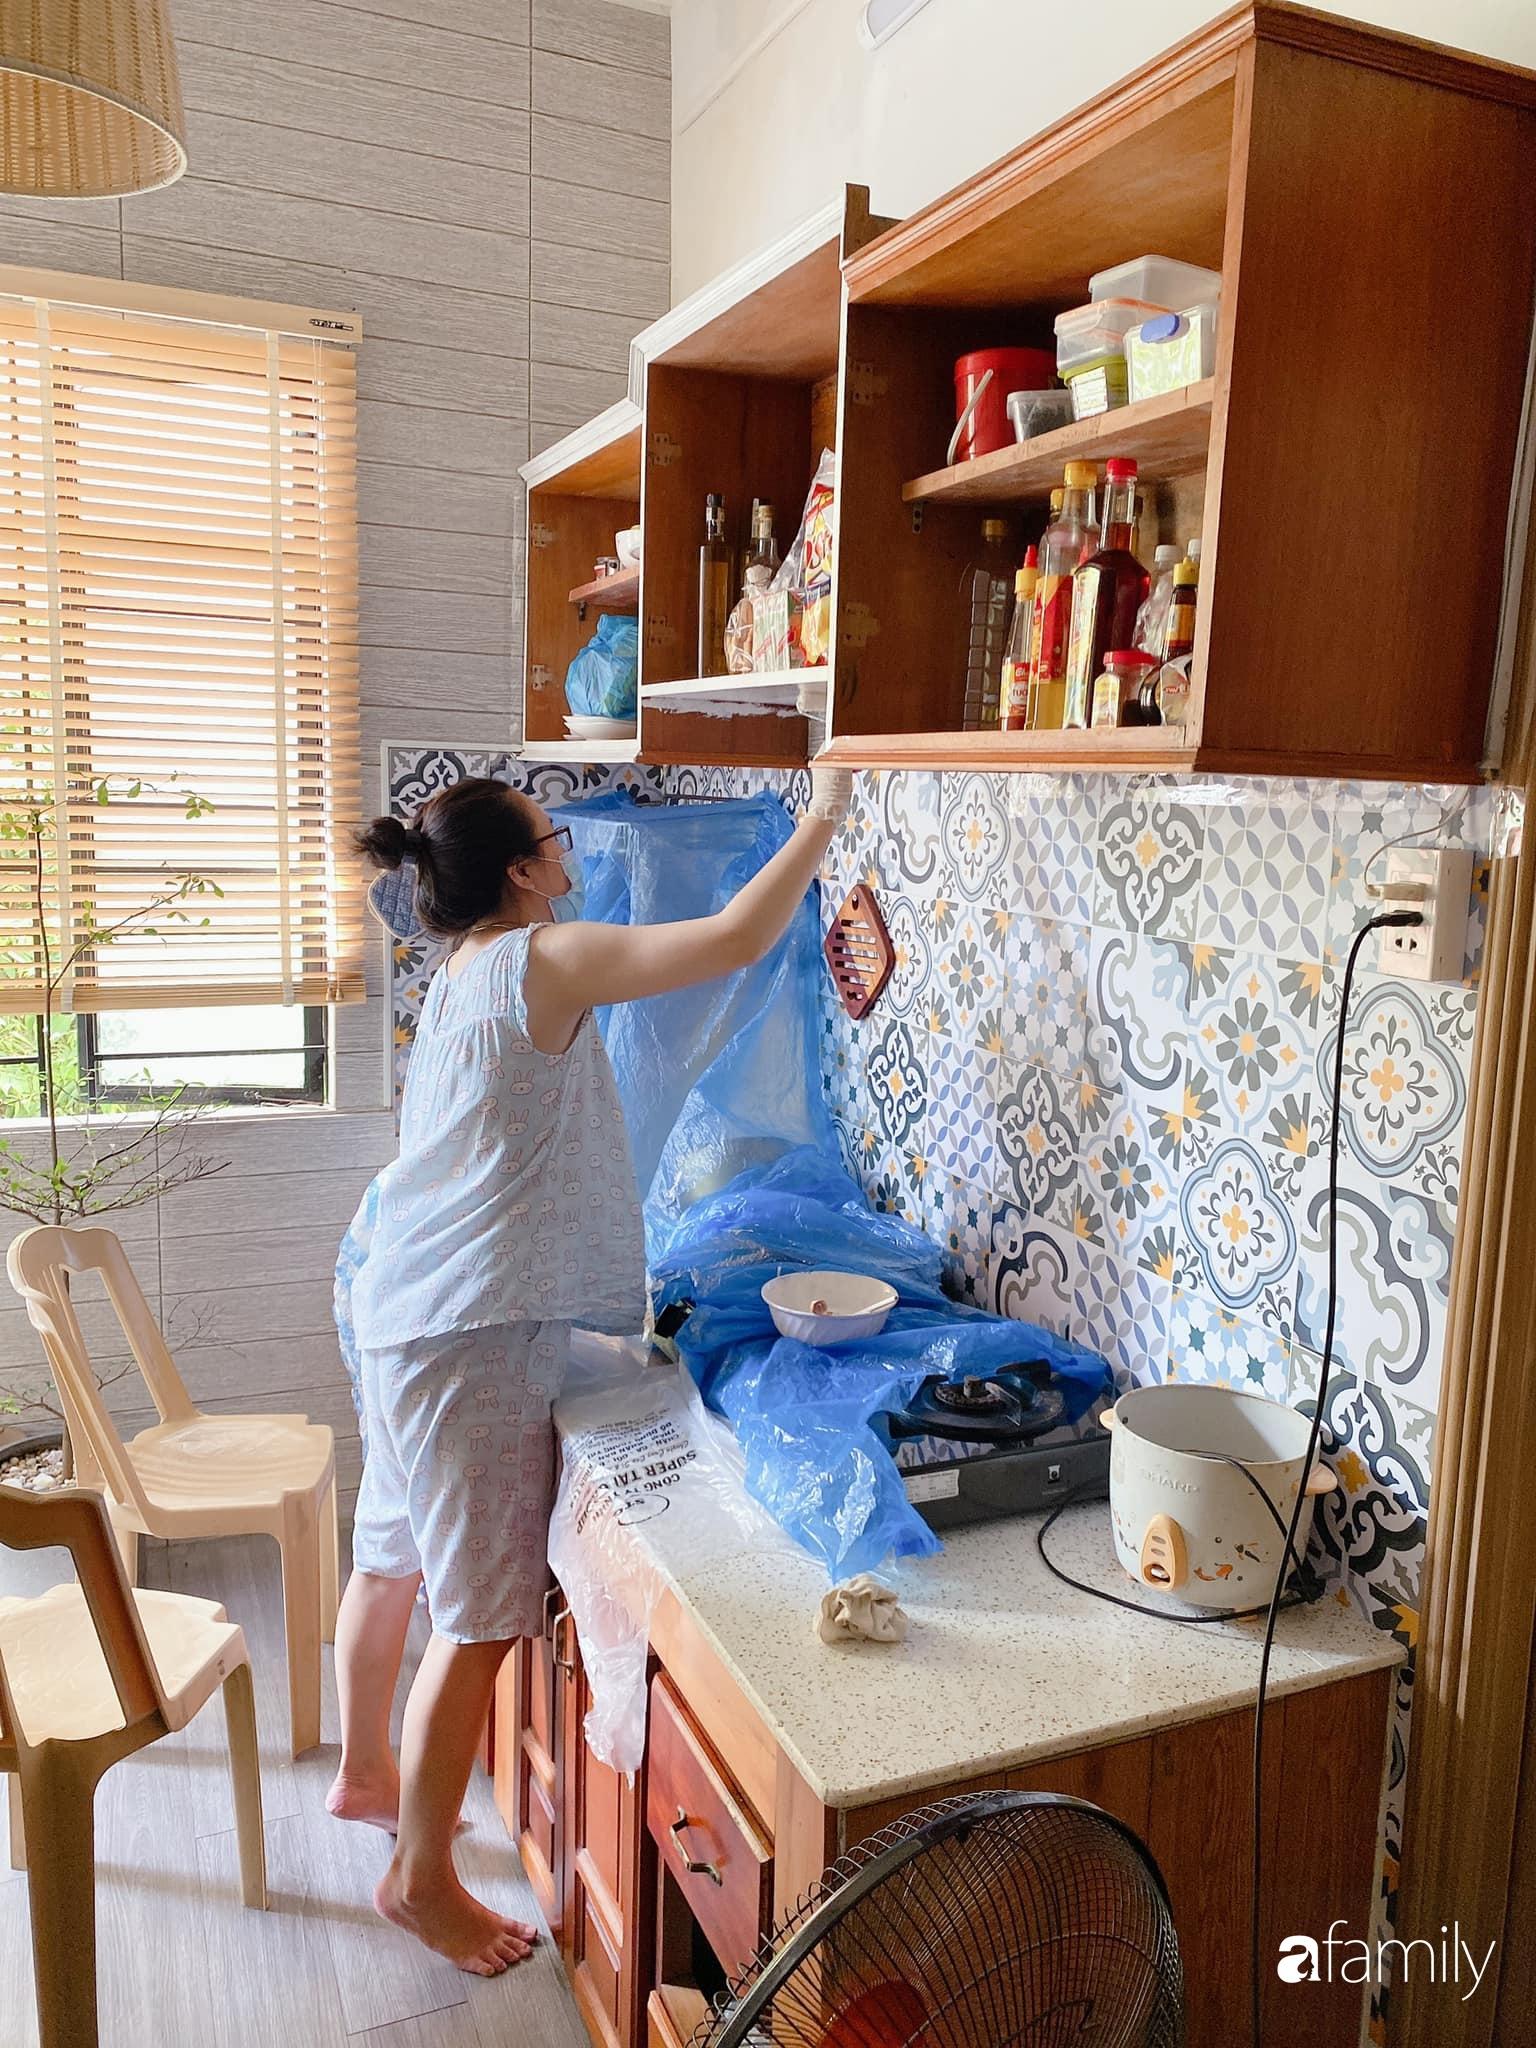 """Anh chồng chiều vợ """"thay áo mới"""" cho căn bếp cũ 6m² trở thành không gian đẹp miễn chê với chi phí chưa đến 3 triệu đồng ở Đà Nẵng - Ảnh 5."""